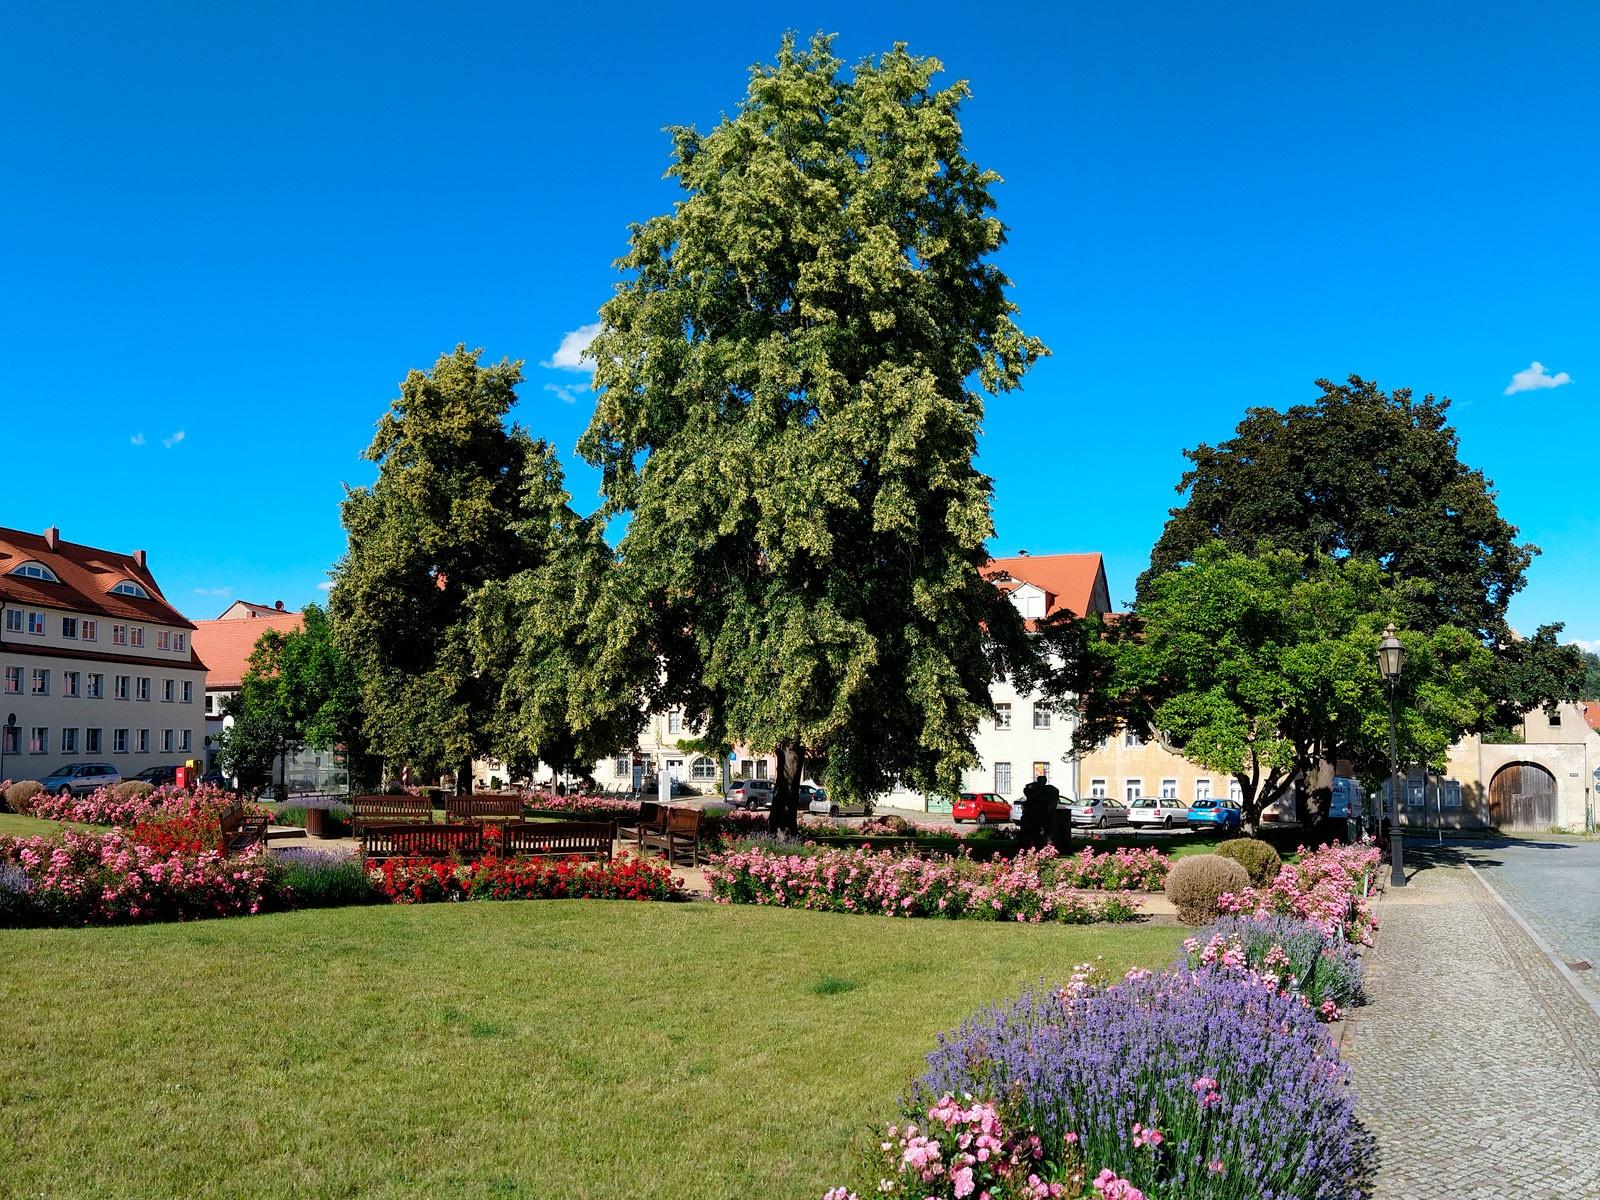 Marktplatz in Dohna